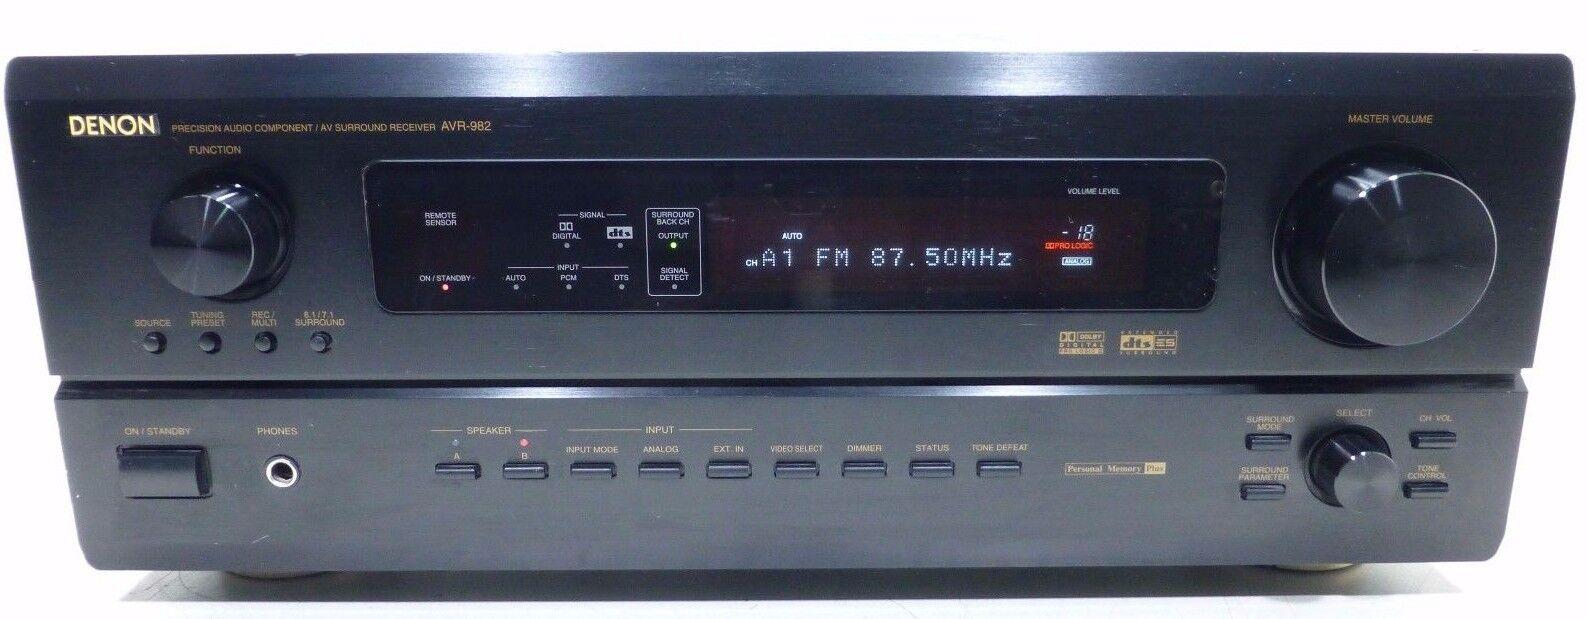 JVC RX-6010VBK  AM//FM Stereo Home Theater Receiver 5.1 Dolby 500W w//Remotebundle